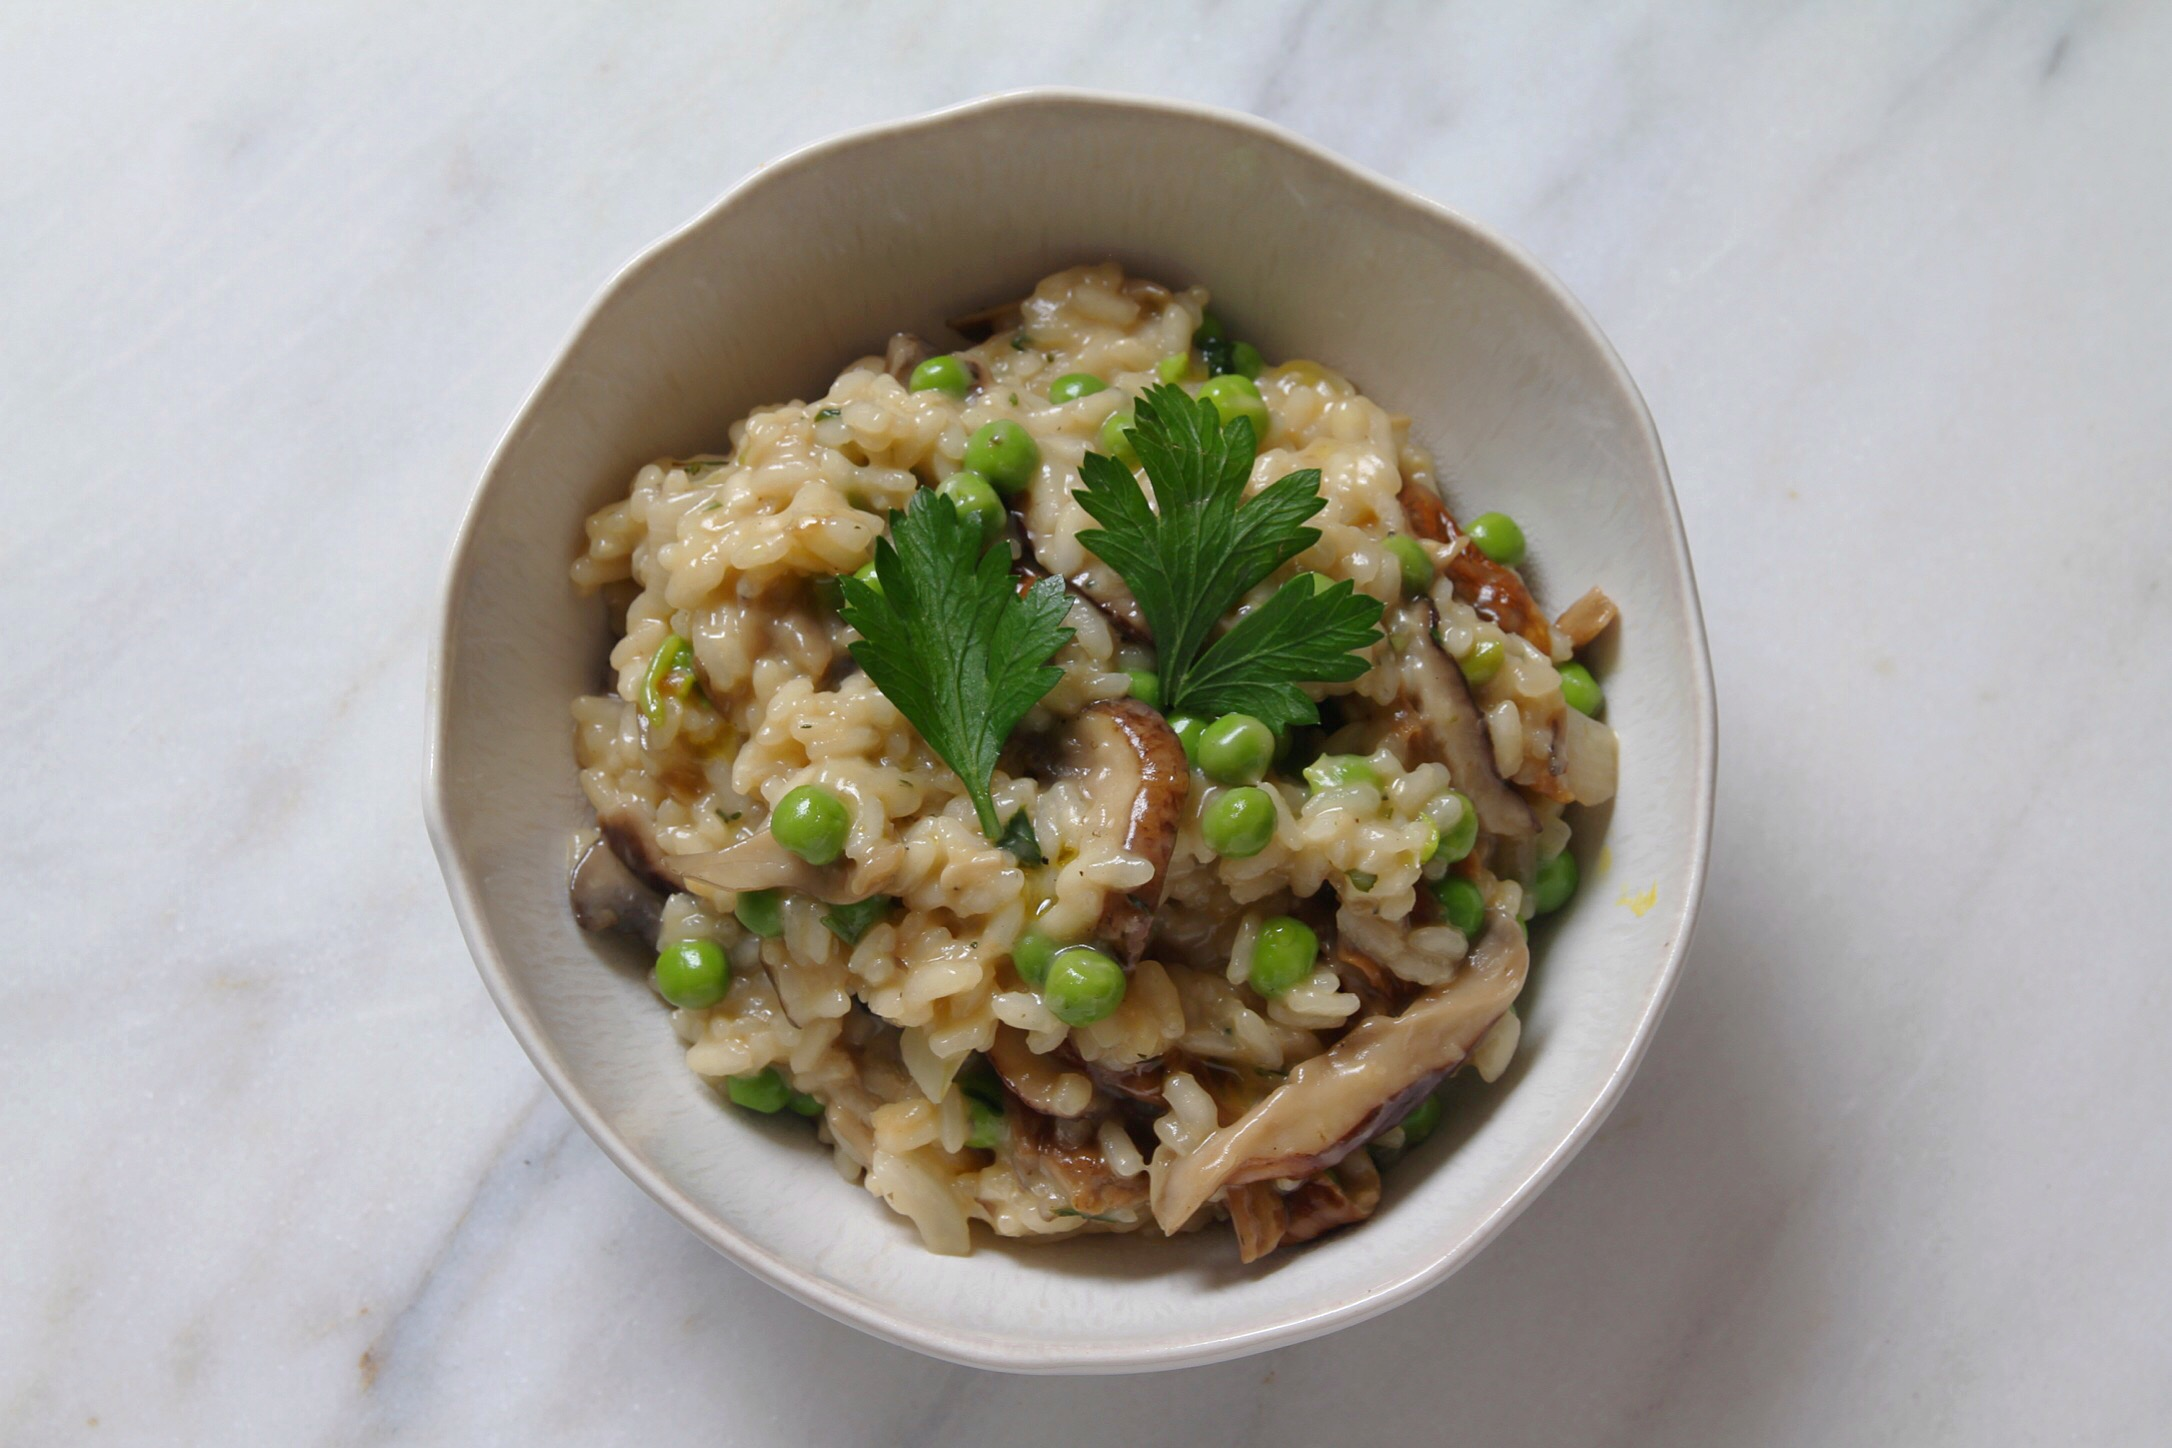 Mushroom and pea risotto, lactose free.